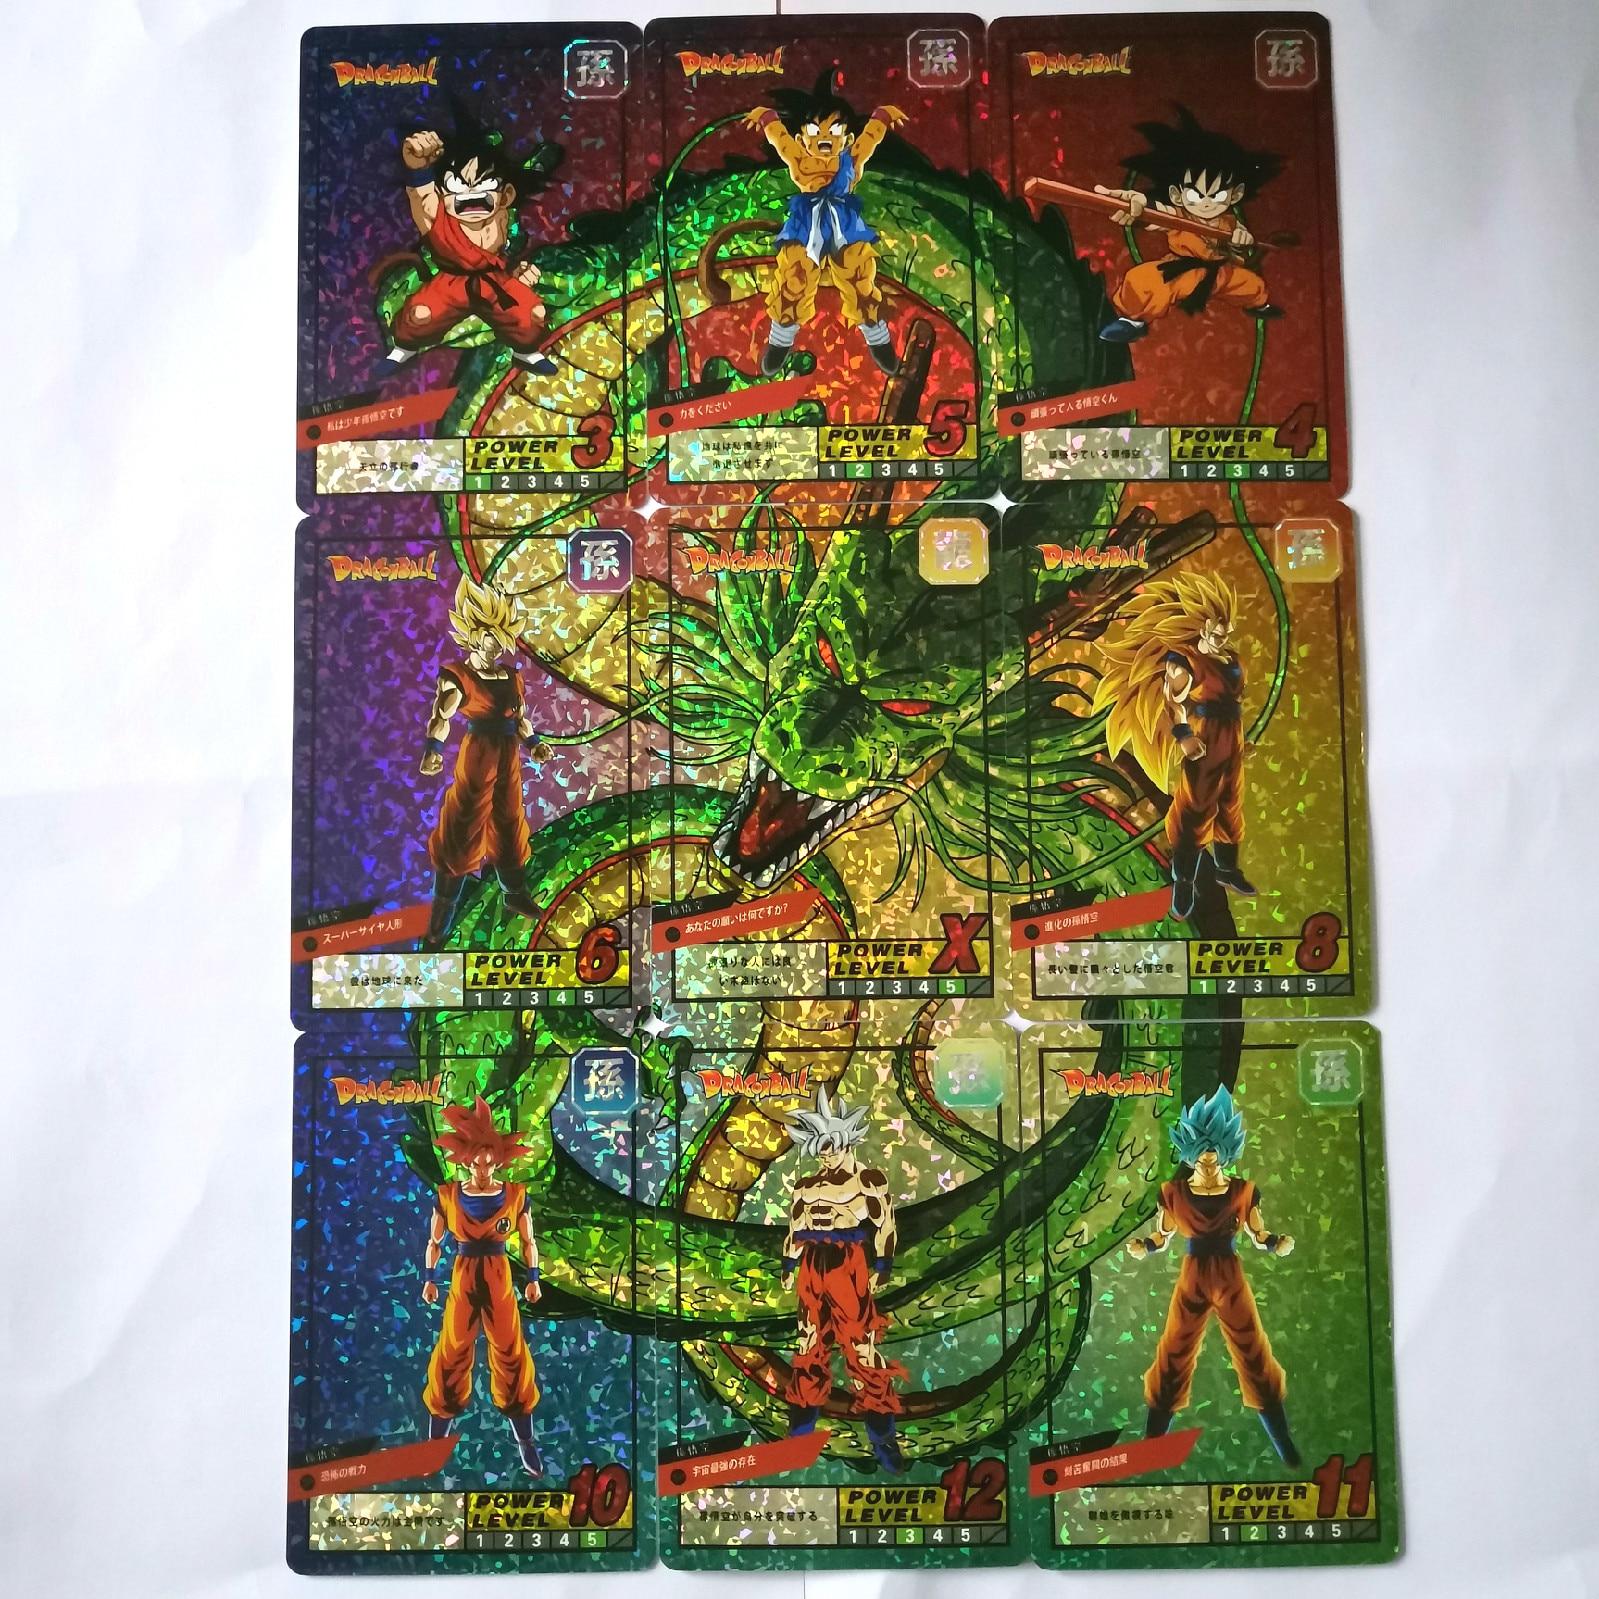 19 Teile/satz Super Dragon Ball Begrenzte Zu 30 Sets Heroes Schlacht Karte Ultra Instinct Goku Buruma Super Spiel Sammlung Karten Up-To-Date-Styling